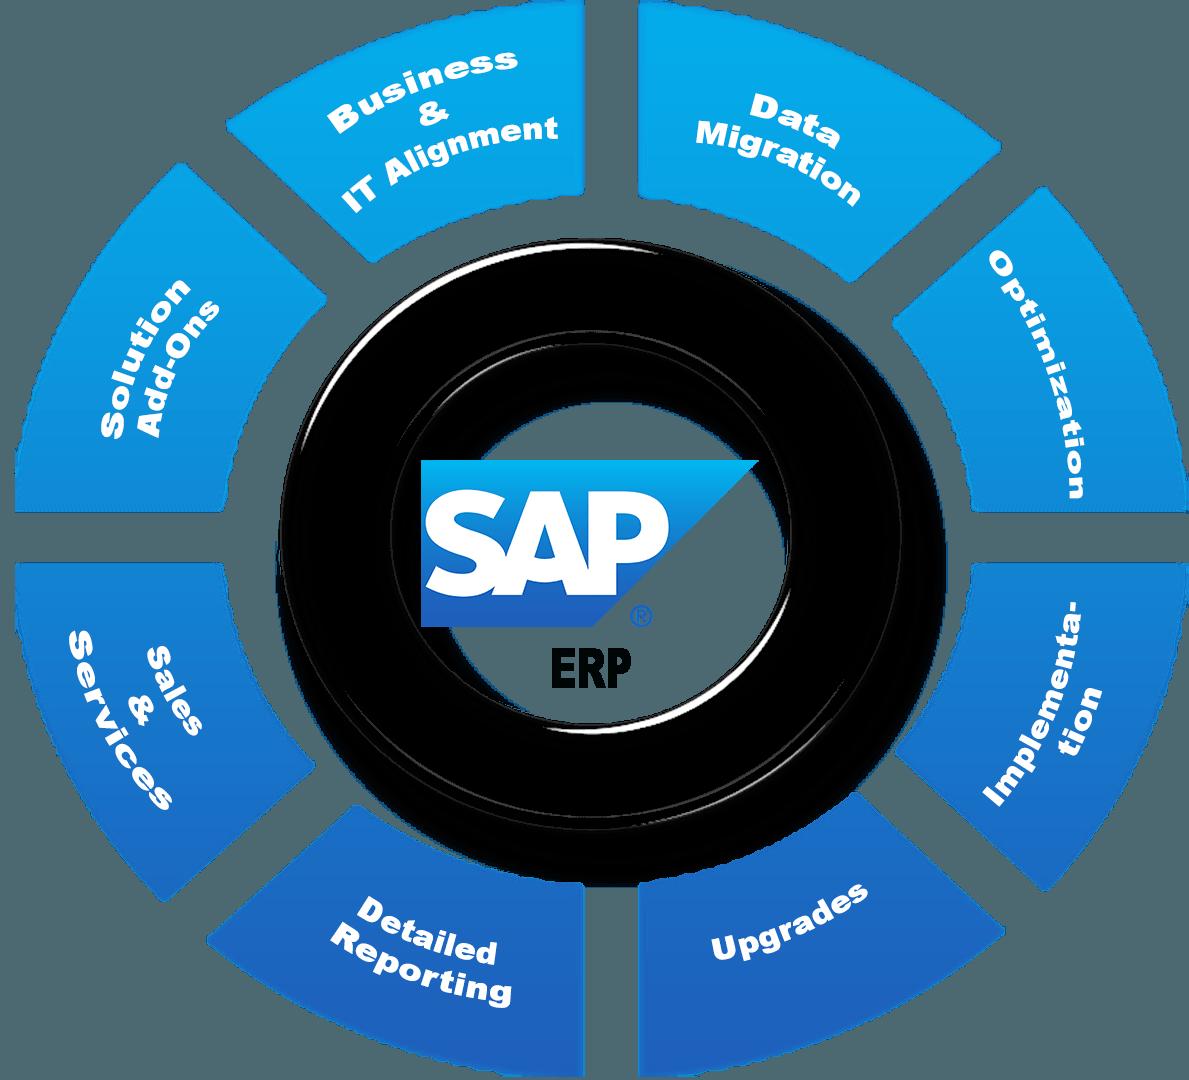 تحميل برنامج erp مجانا